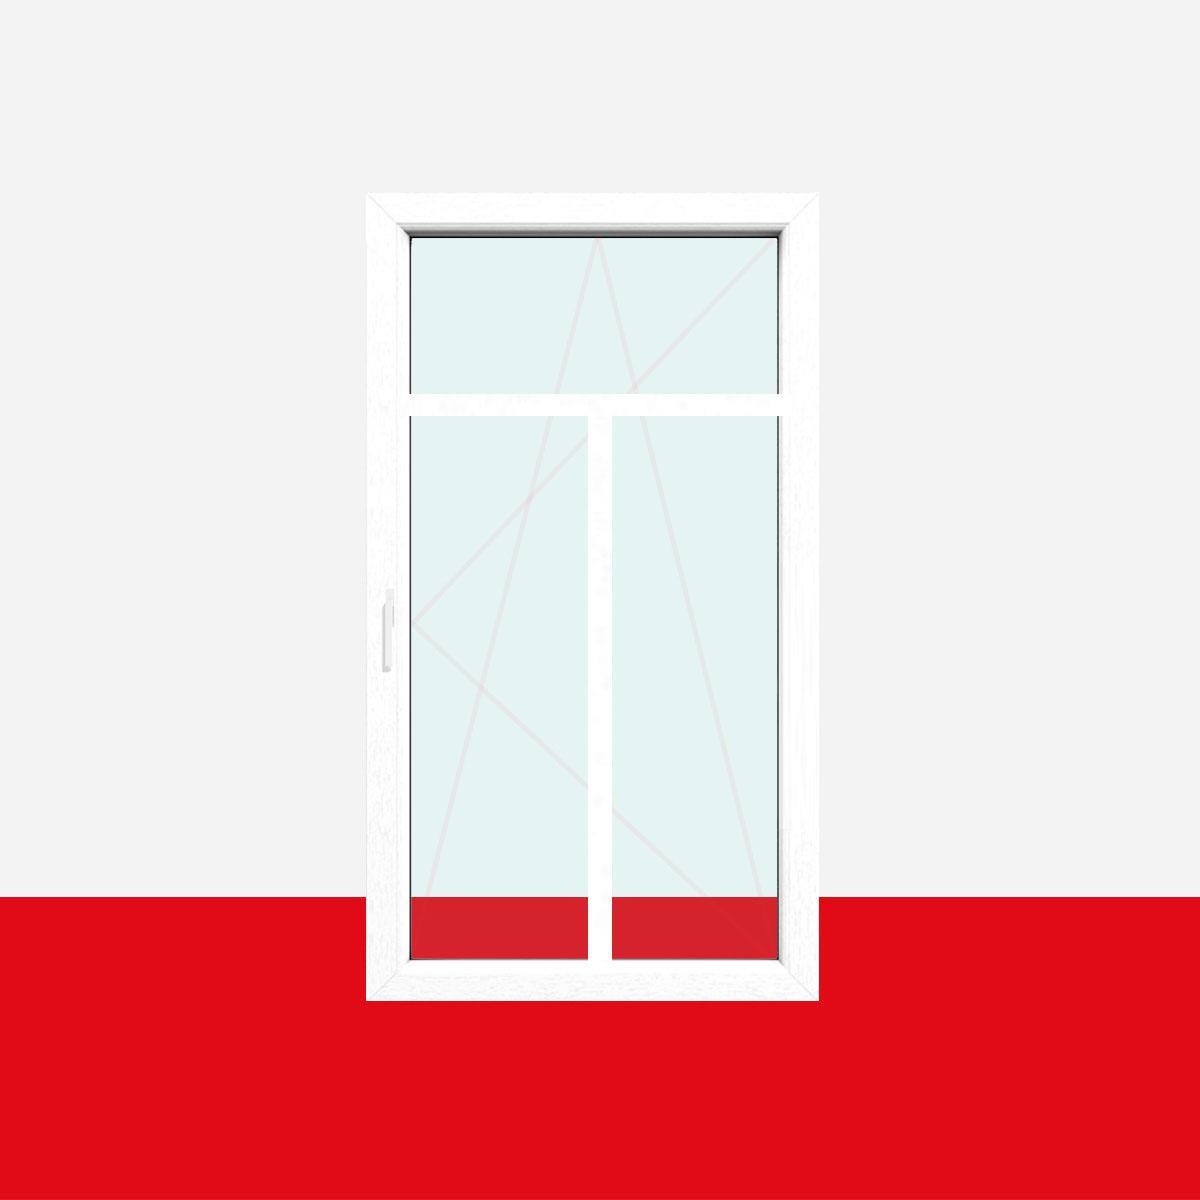 Full Size of Fenster Mit Sprossen Sprossenfenster Typ 3 Felder Wei 26mm T Sprosse 1 Flg Dreh Kipp Gitter Einbruchschutz Esstisch Baumkante Sonnenschutz Für Sofa Fenster Fenster Mit Sprossen